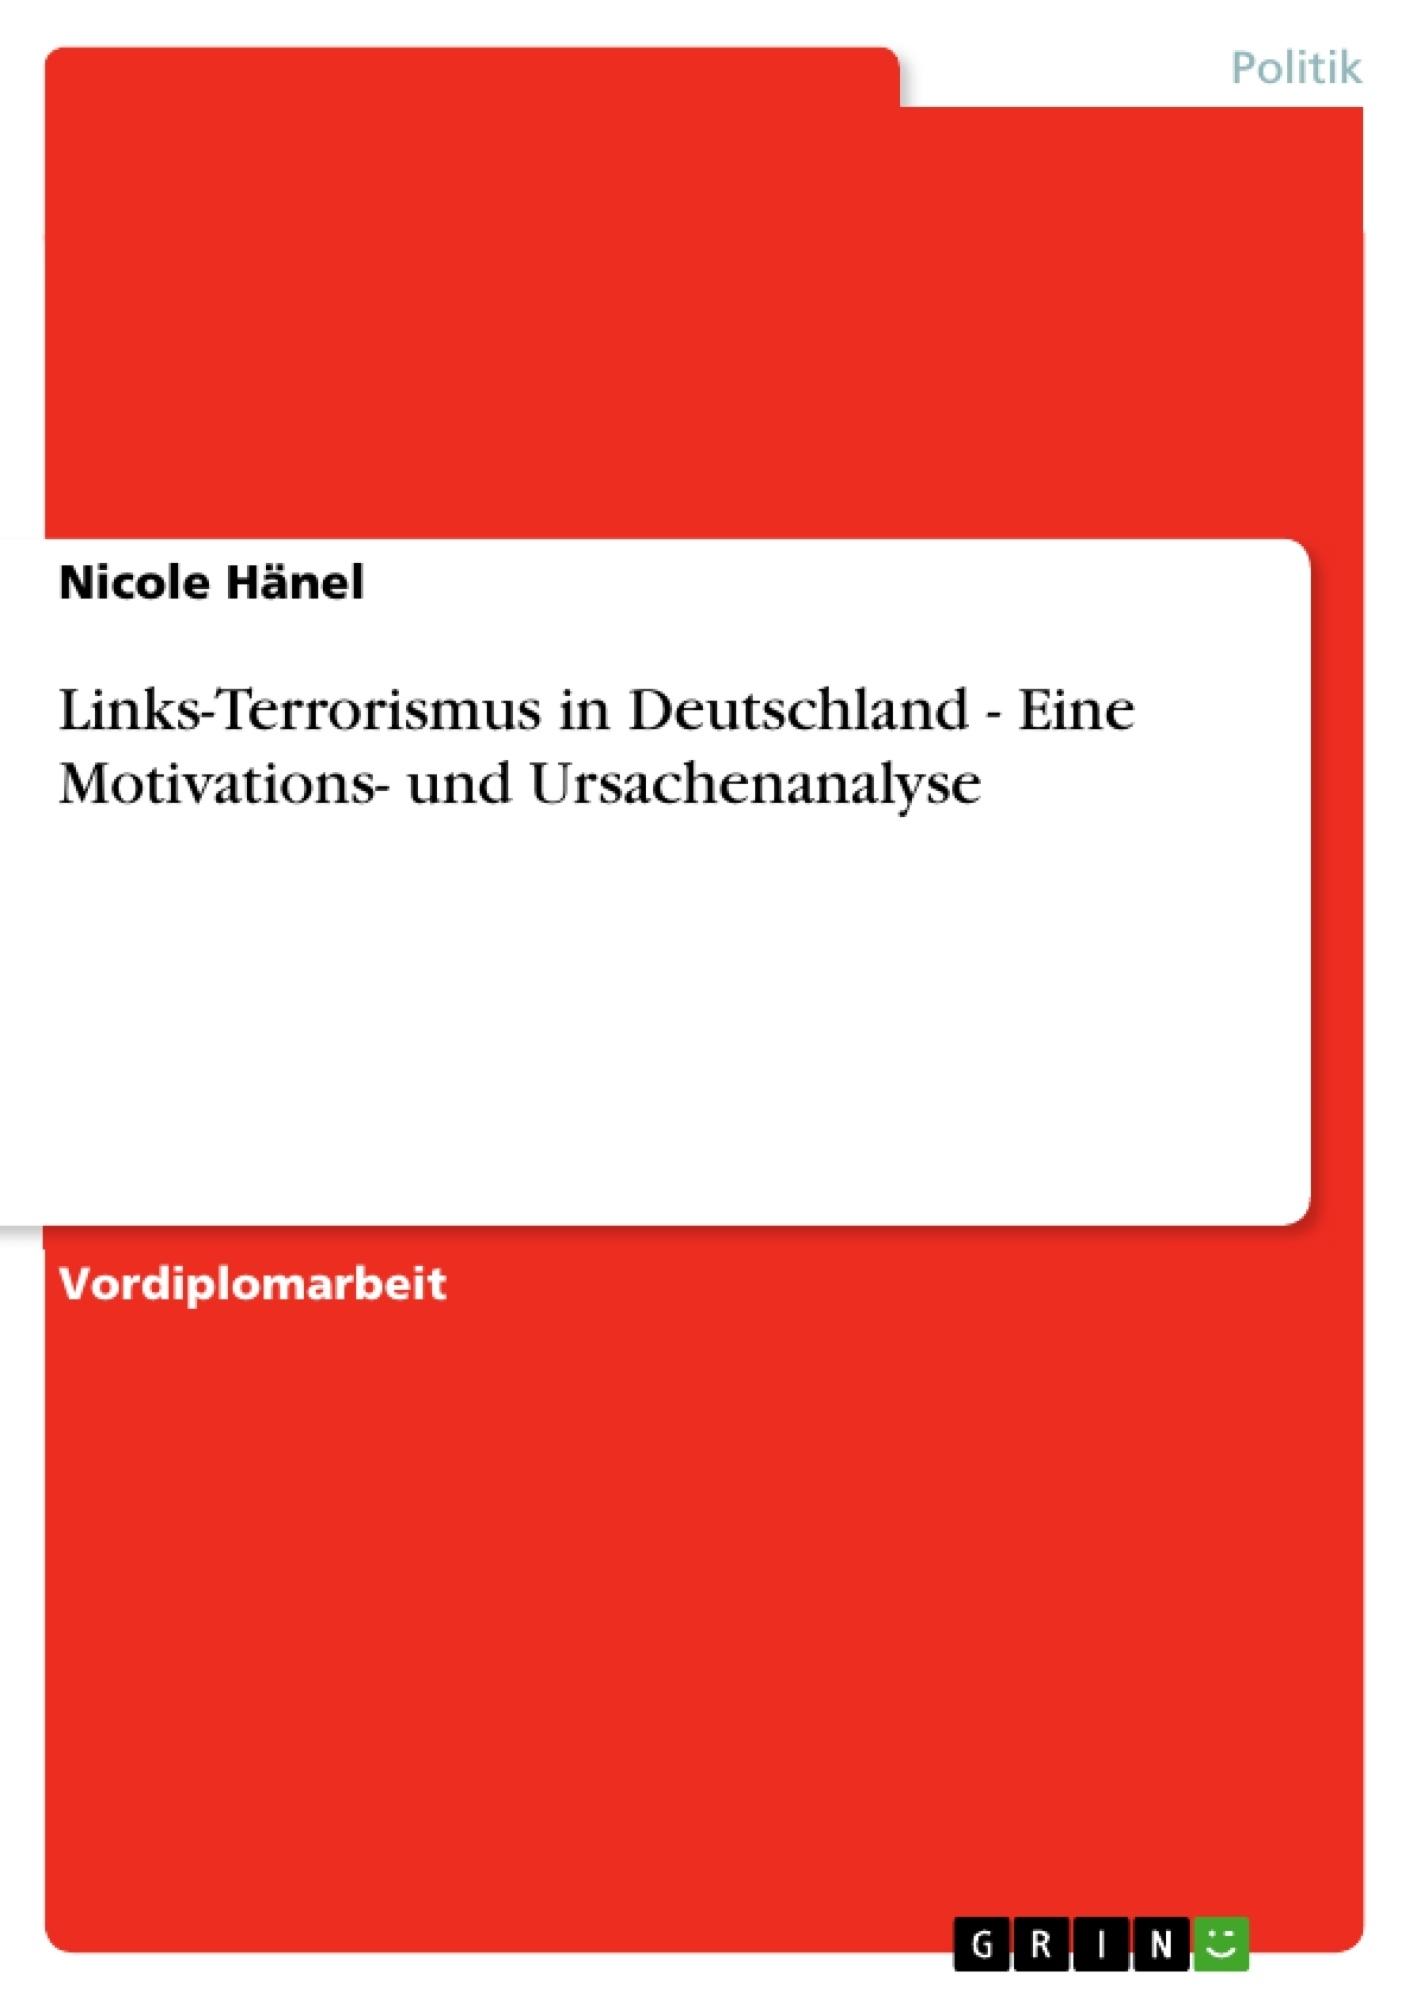 Titel: Links-Terrorismus in Deutschland -  Eine Motivations- und Ursachenanalyse